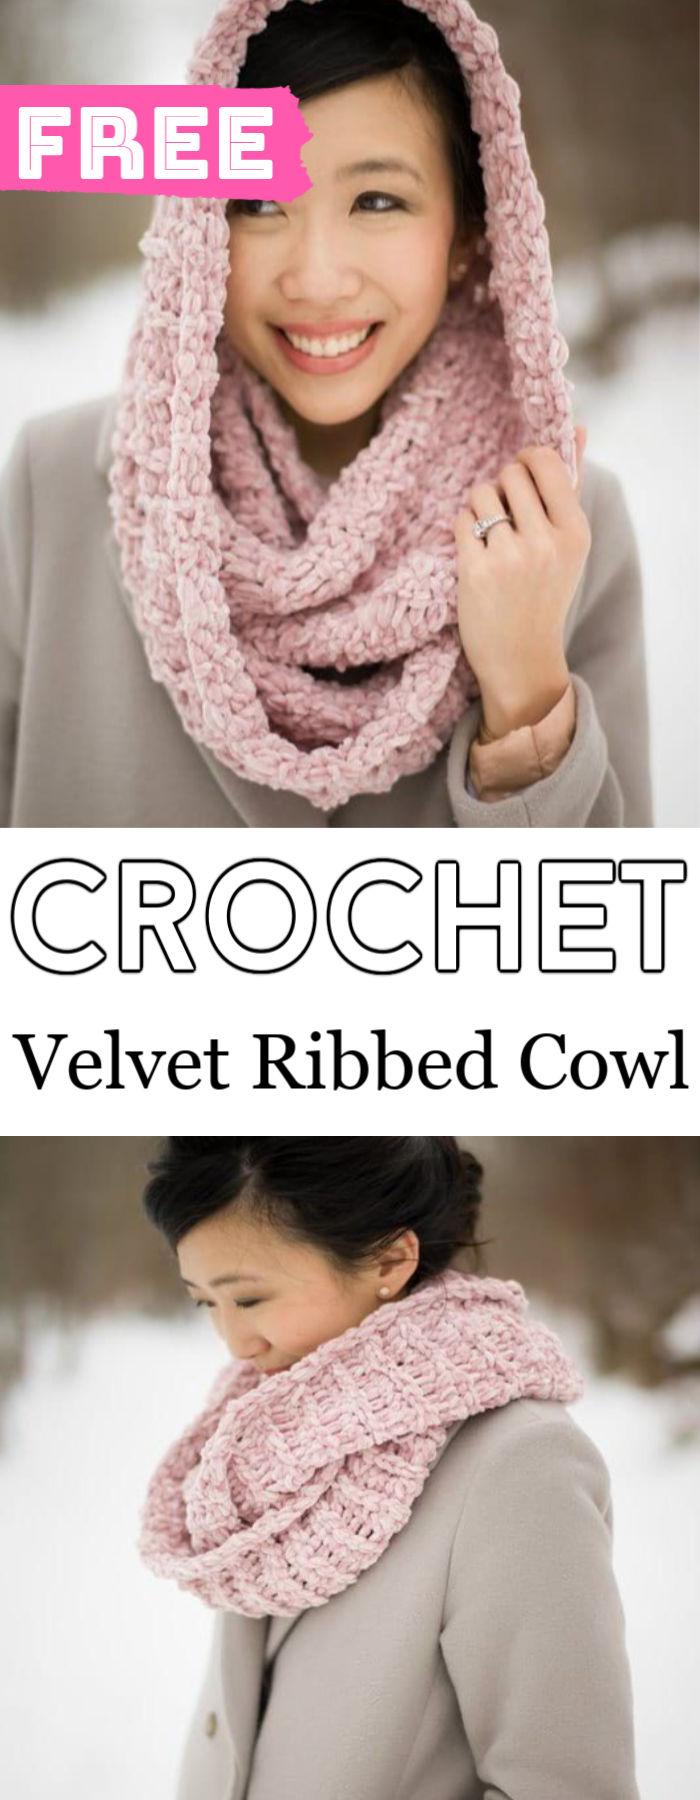 Crochet Velvet Ribbed Cowl Free Pattern